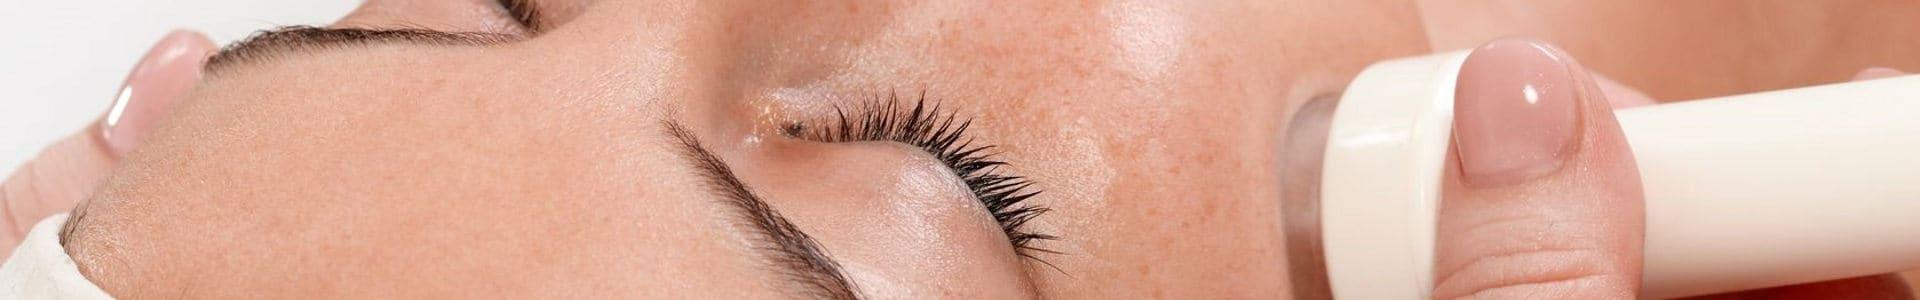 eBeautyLab - gabinet kosmetologiczny Gdańsk - Mezoterapia bezigłowa